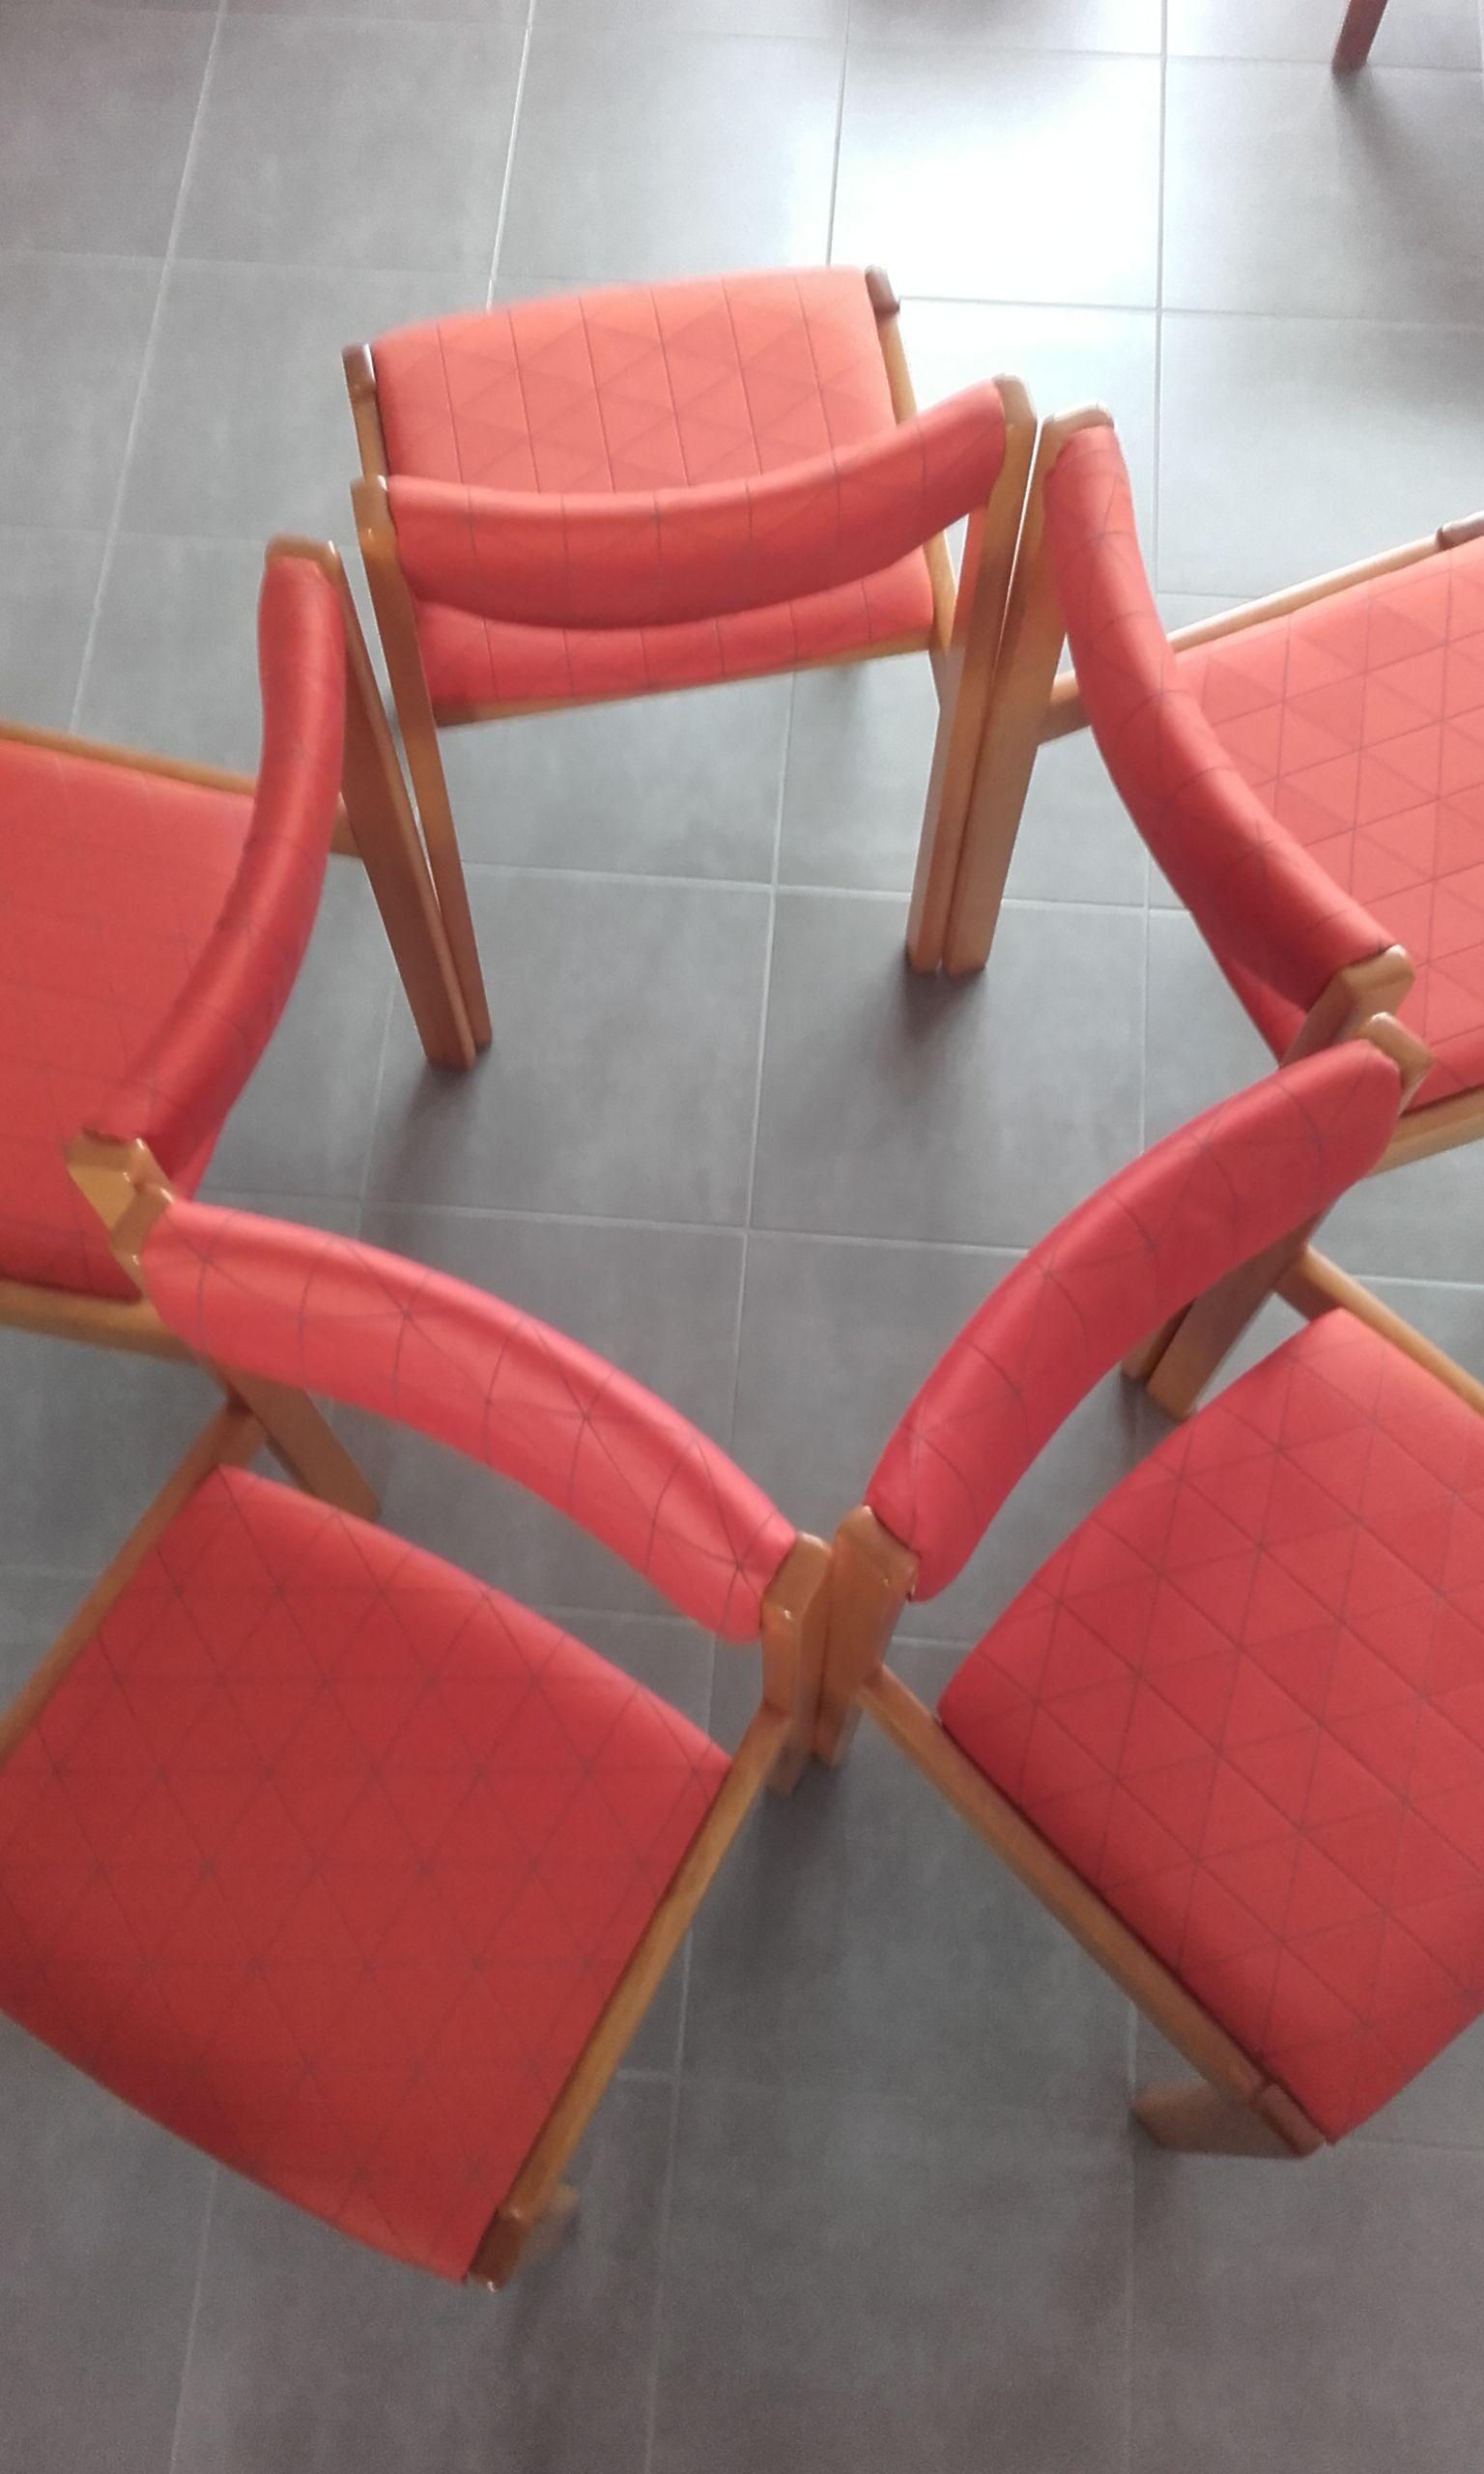 Chaises Garniture Mousse Garniture Chaise Et Mousse